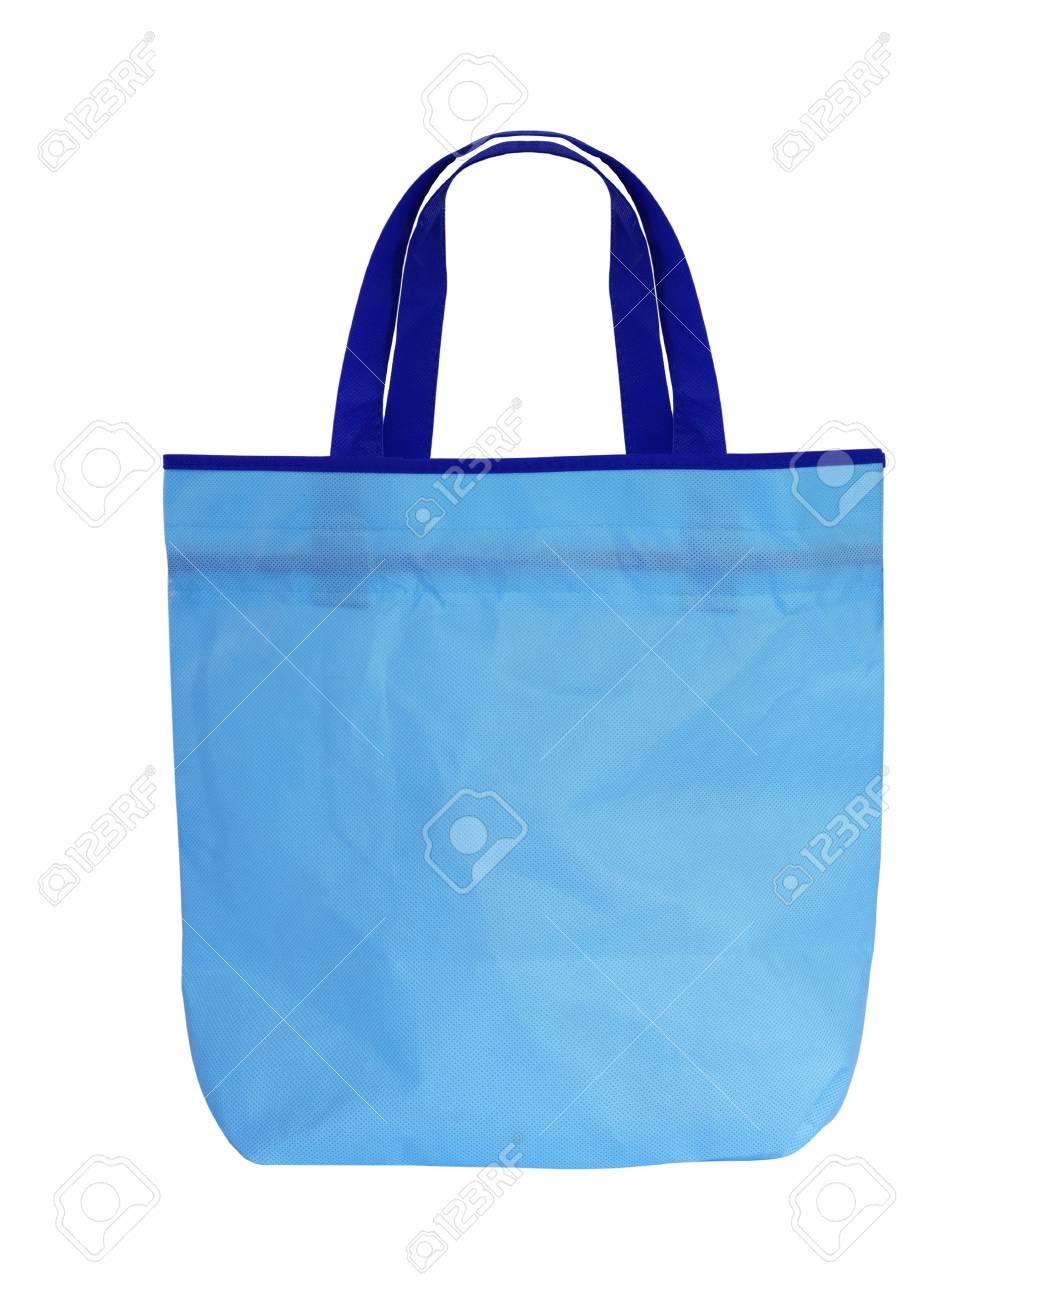 Mango Fondo De Compras En Blanco Bolso Azul El Con PkZOuXi